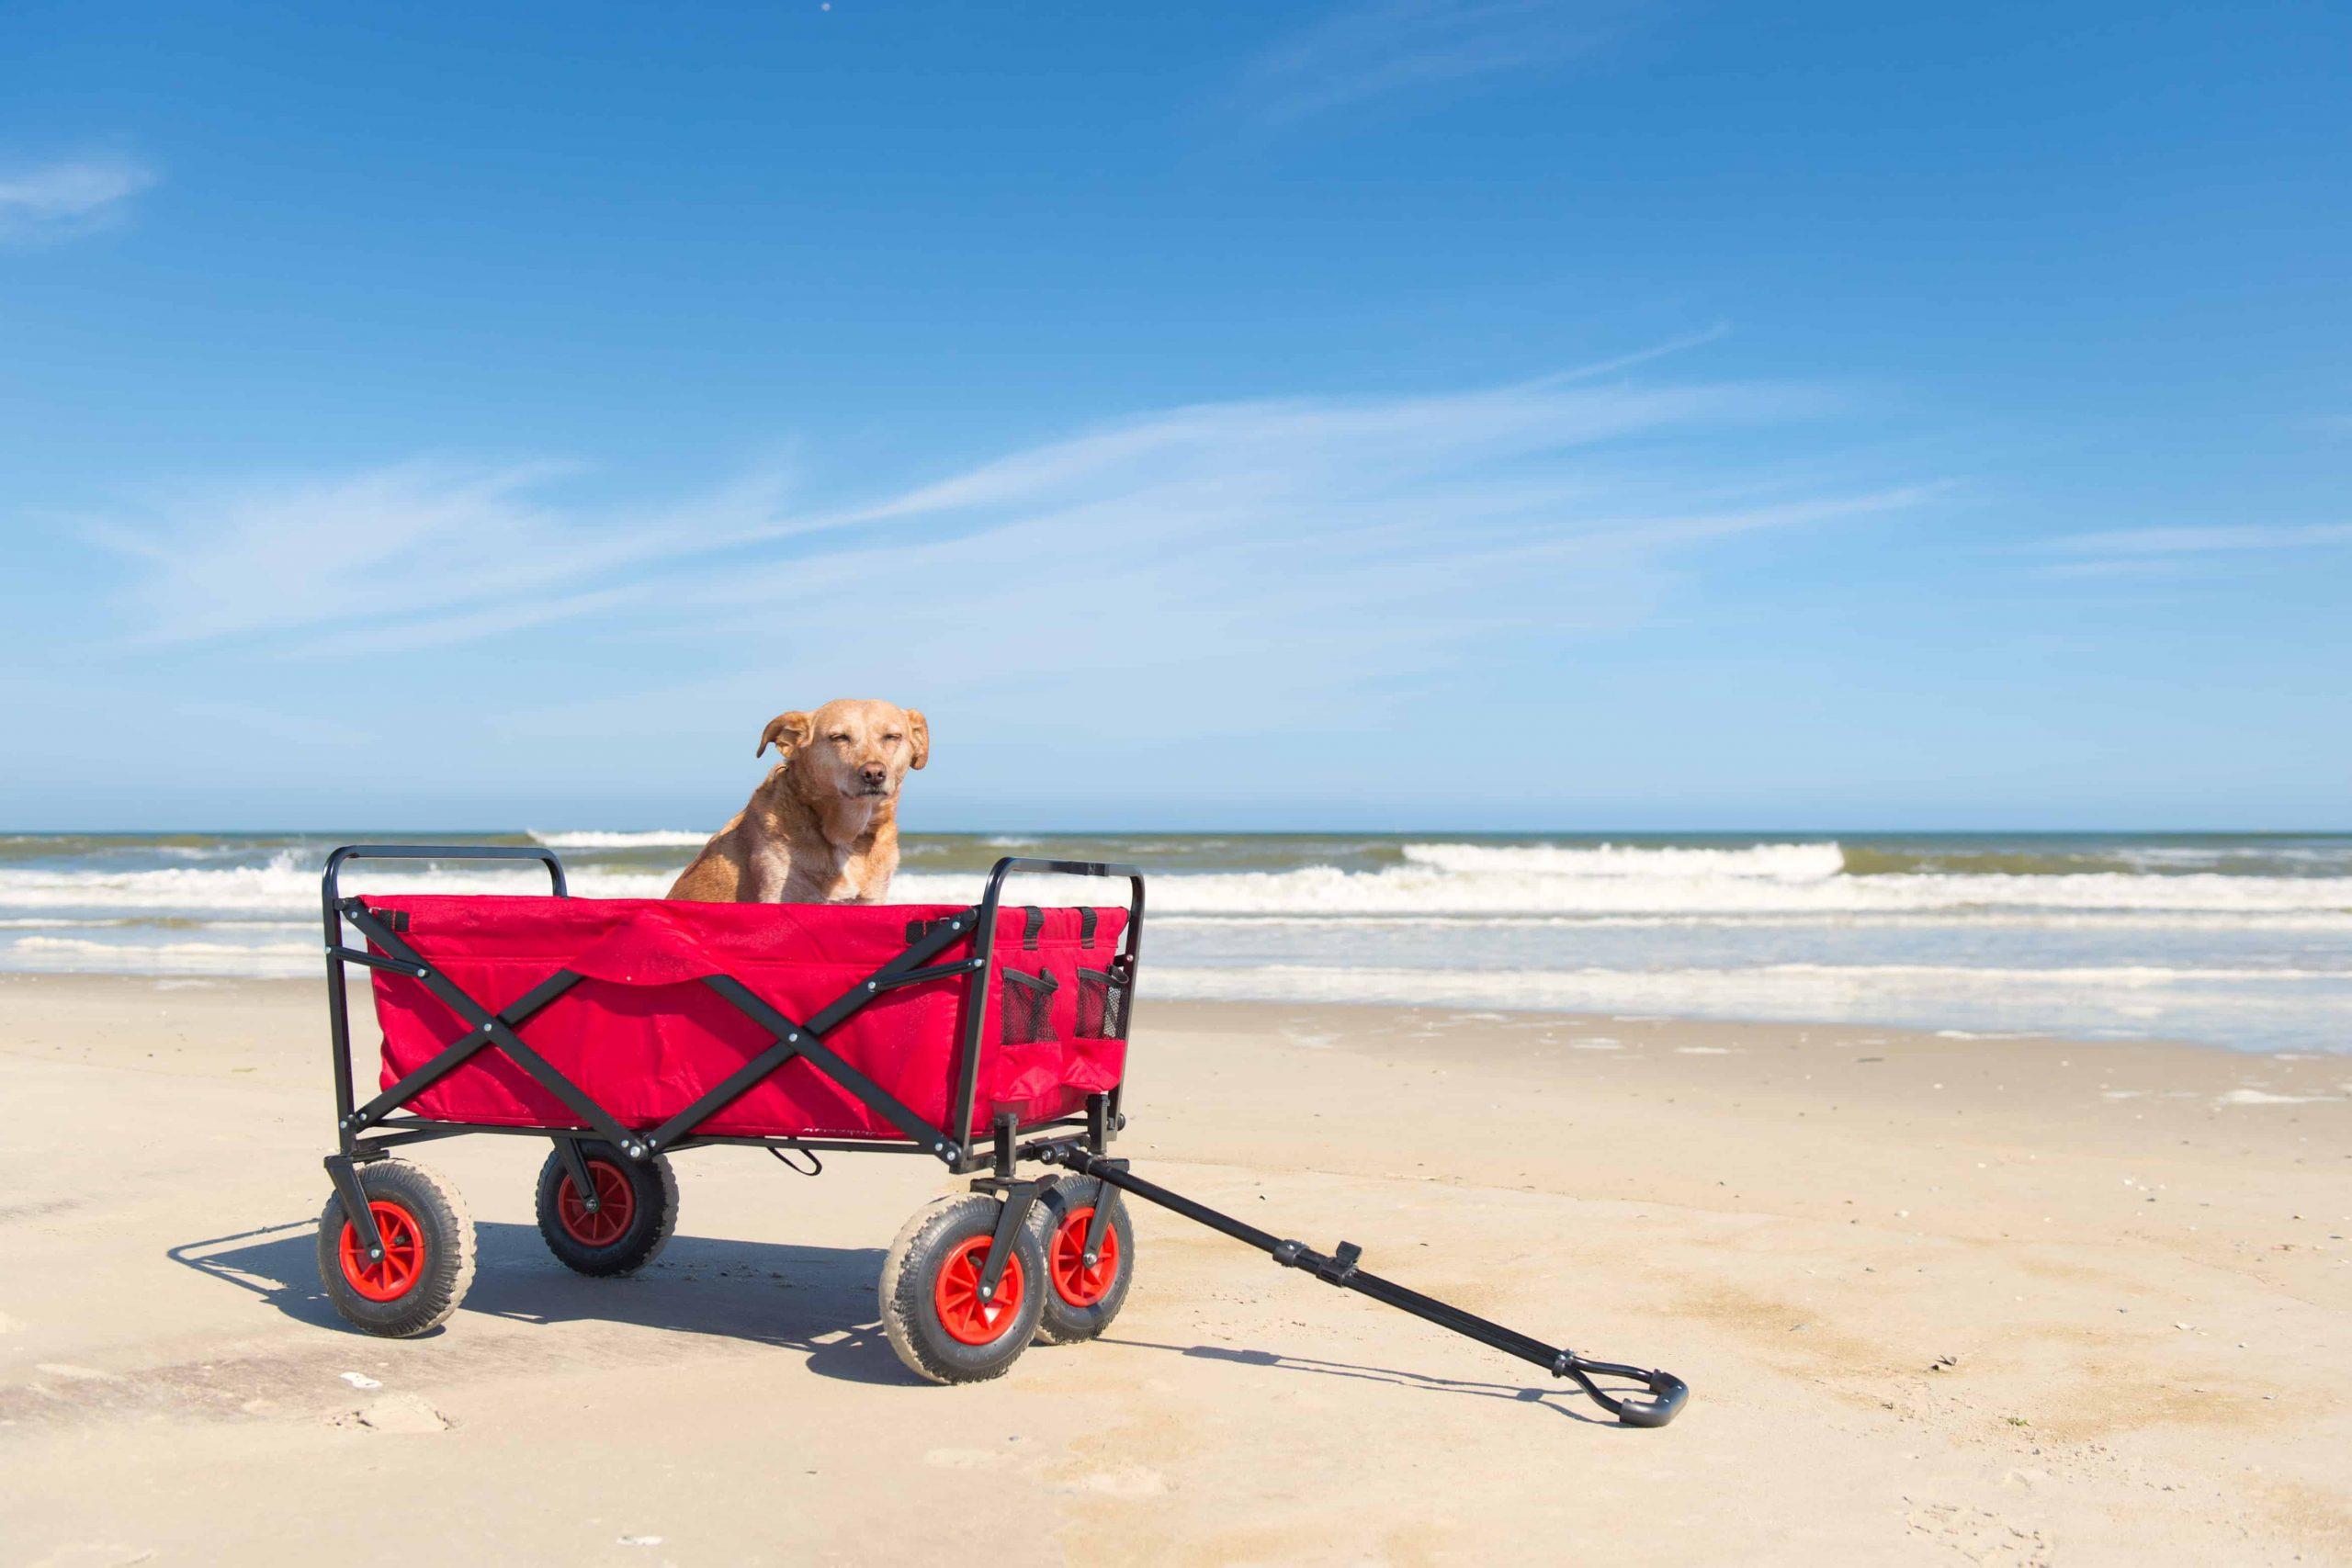 Carriola para perros: ¿Cuál es la mejor del 2020?